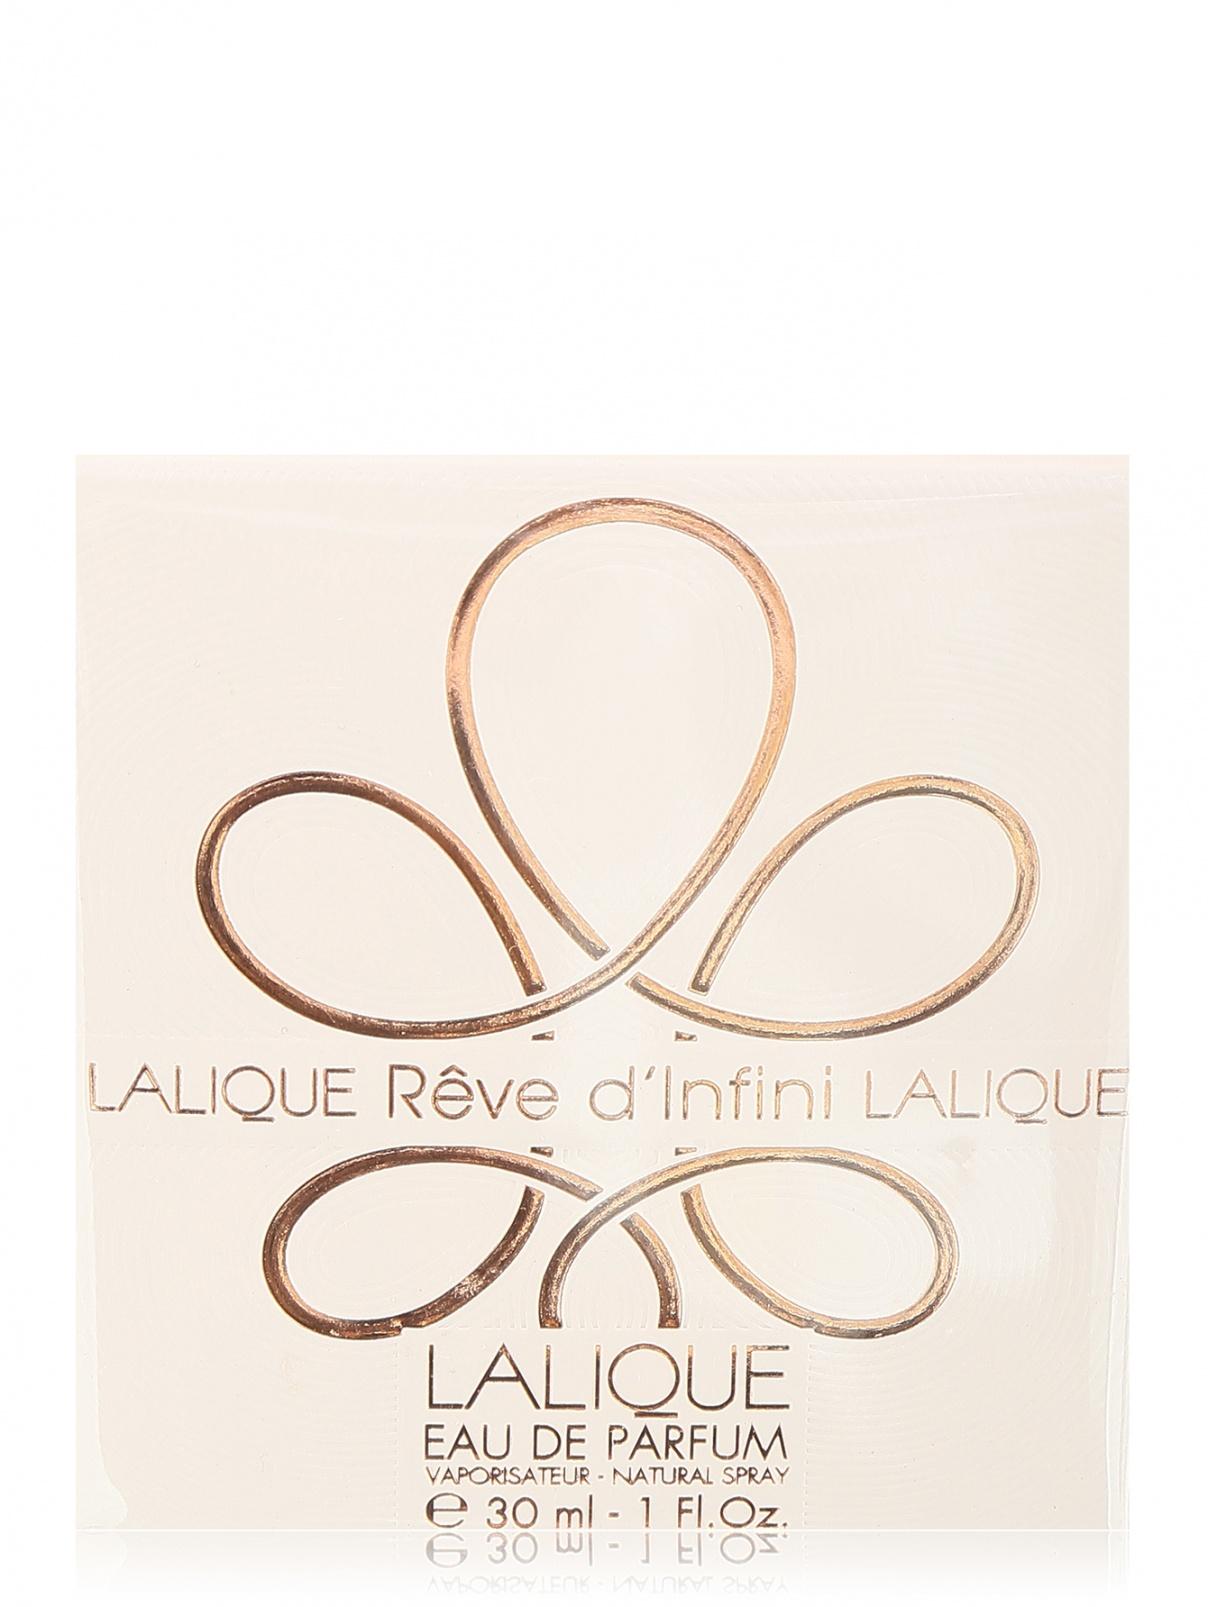 Парфюмерная вода 30 мл cпрей Reve D'Infini Lalique  –  Общий вид